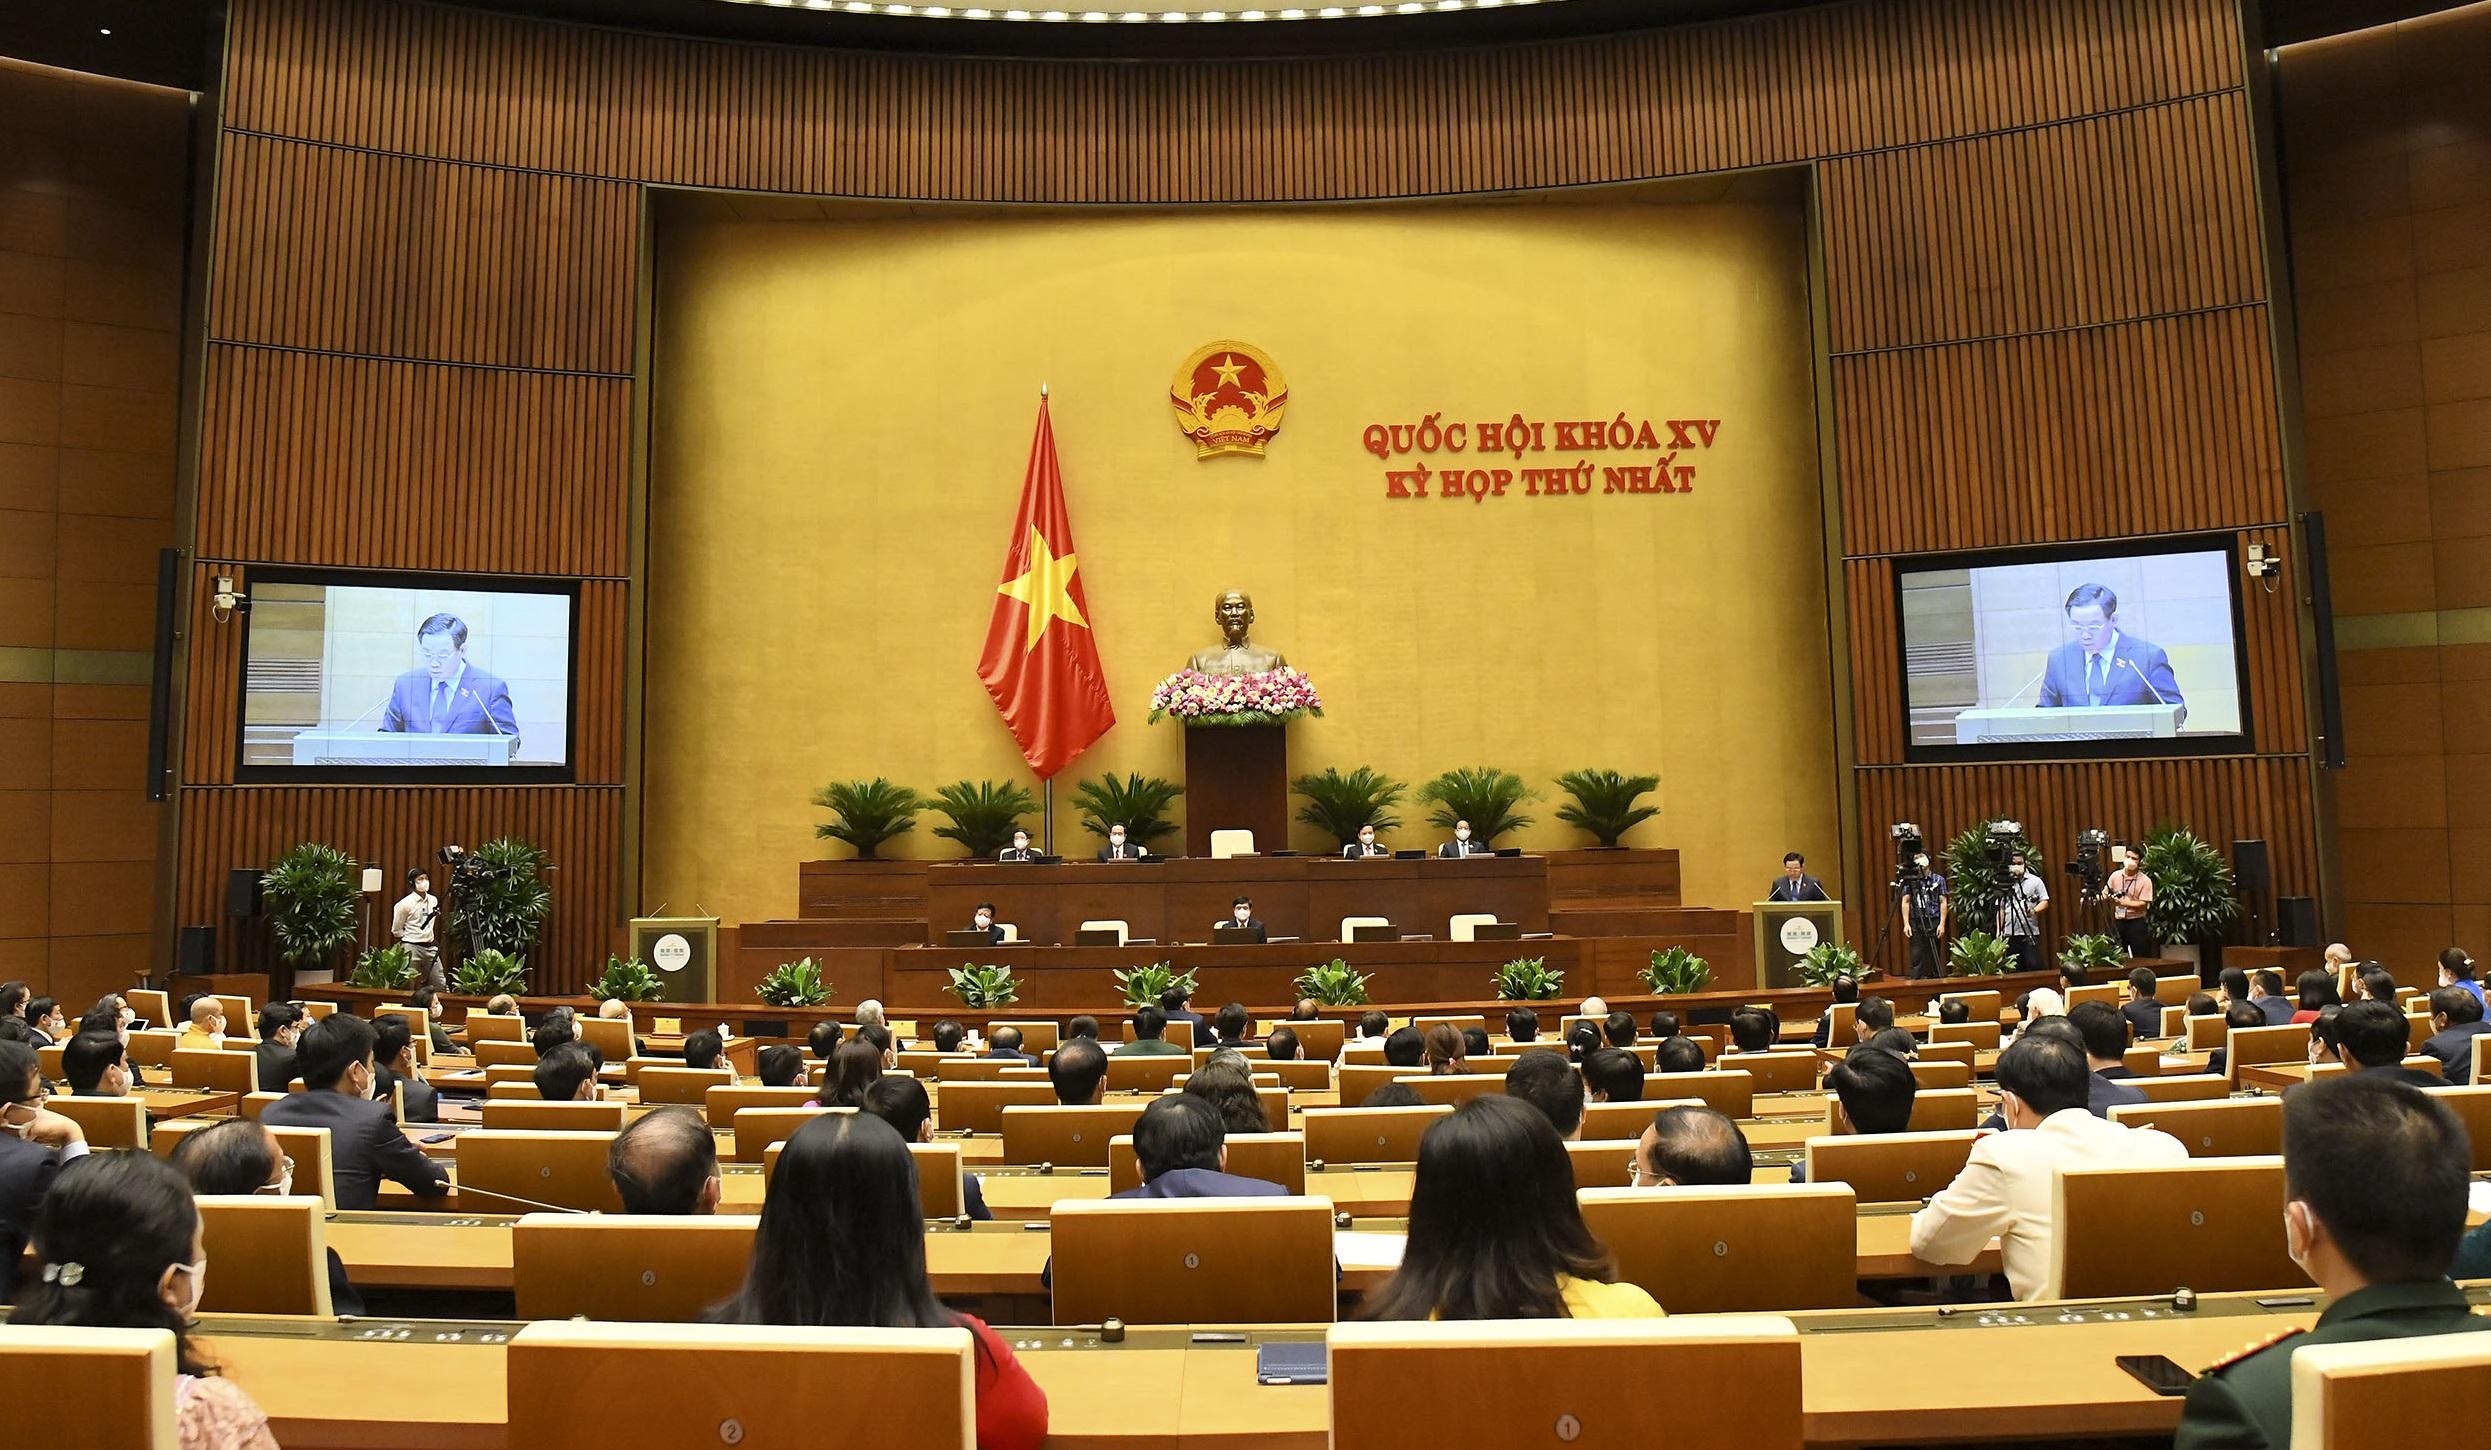 Quốc hội giao Chính phủ, Thủ tướng quyết định các biện pháp cấp bách chưa được luật định để chống dịch